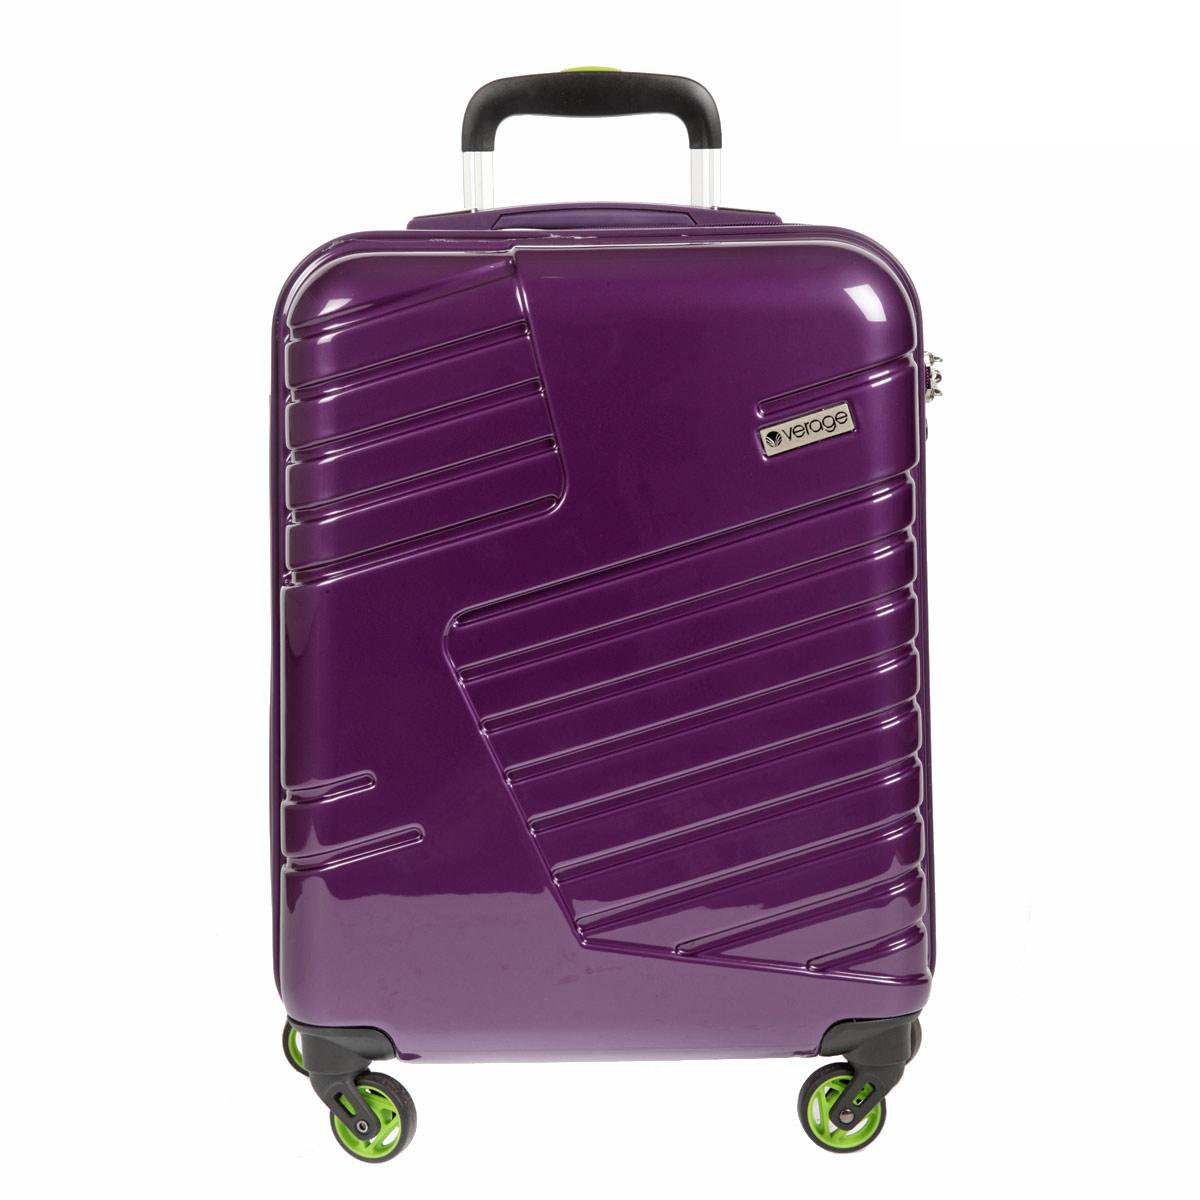 Чемодан-тележка Verage, цвет: фиолетовый, 31 л. GM14042w 20ГризлиЧемодан-тележка Verage оснащен четырьмя колесиками, вращающимися на 360°. Закрывается по периметру на двухстороннюю молнию. Верхняя и боковая ручки обеспечивают удобство транспортировки. Внутри два отдела для одежды, которые фиксируются эластичными резинками на застежках. Также внутри расположен один сетчатый карман на застежке-молнии. Встроенный кодовый замок с функцией TSA. Чемодан оснащен выдвижной ручкой, максимальная высота которой 57 см.